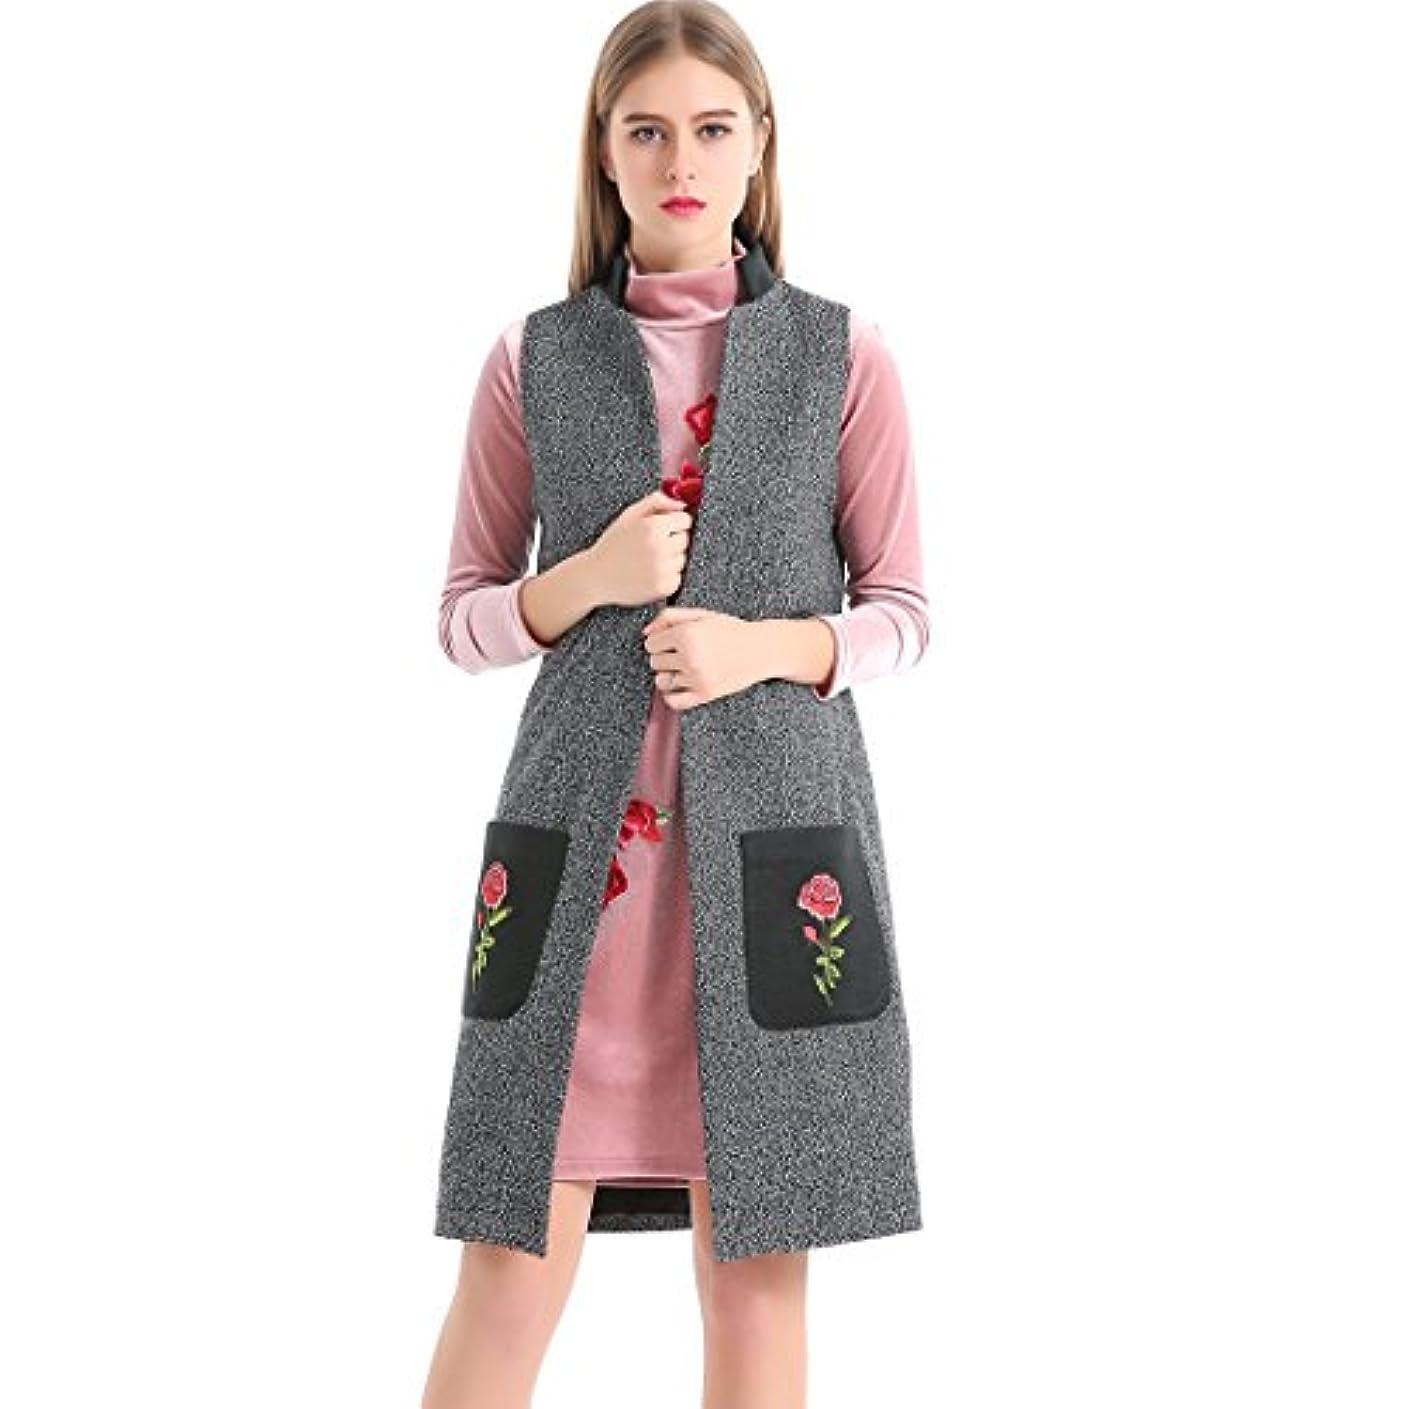 負担かび臭い兵器庫biovanレディースフロント開口部ロングノースリーブダウン加重ベスト花柄の刺繍スリムウエストコート